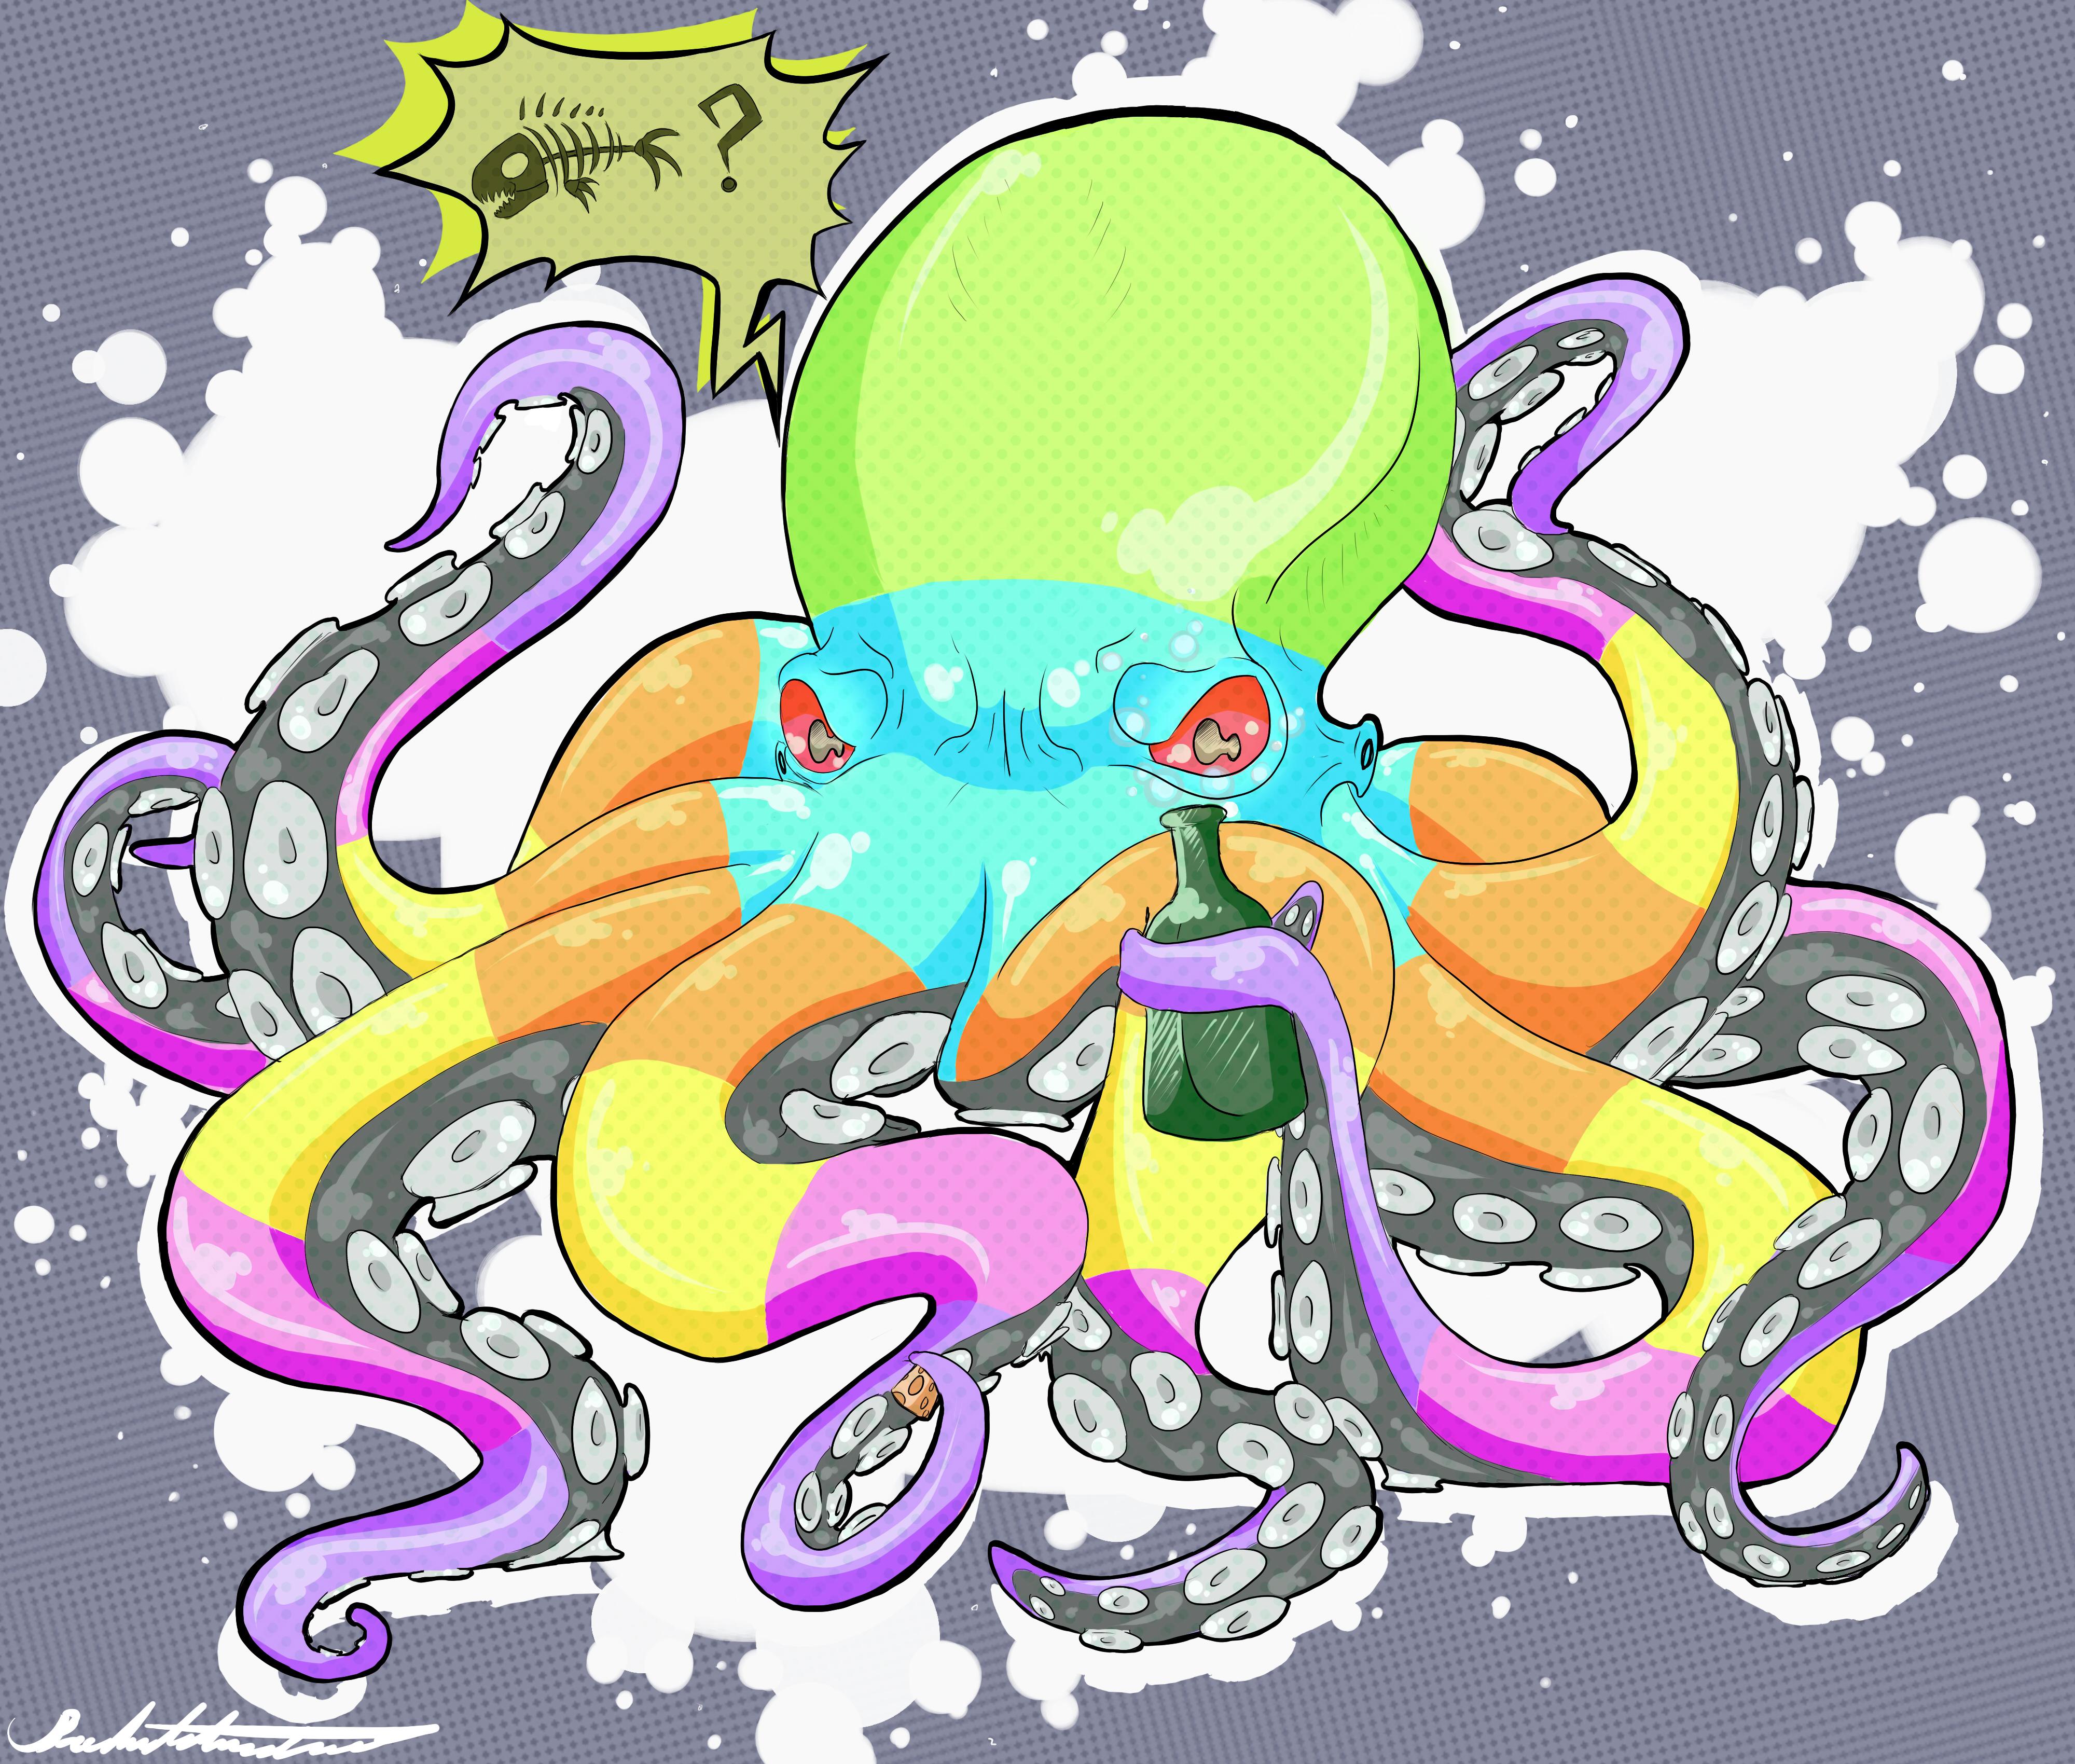 One Trippy Octopus by BloodWolf136 on DeviantArt